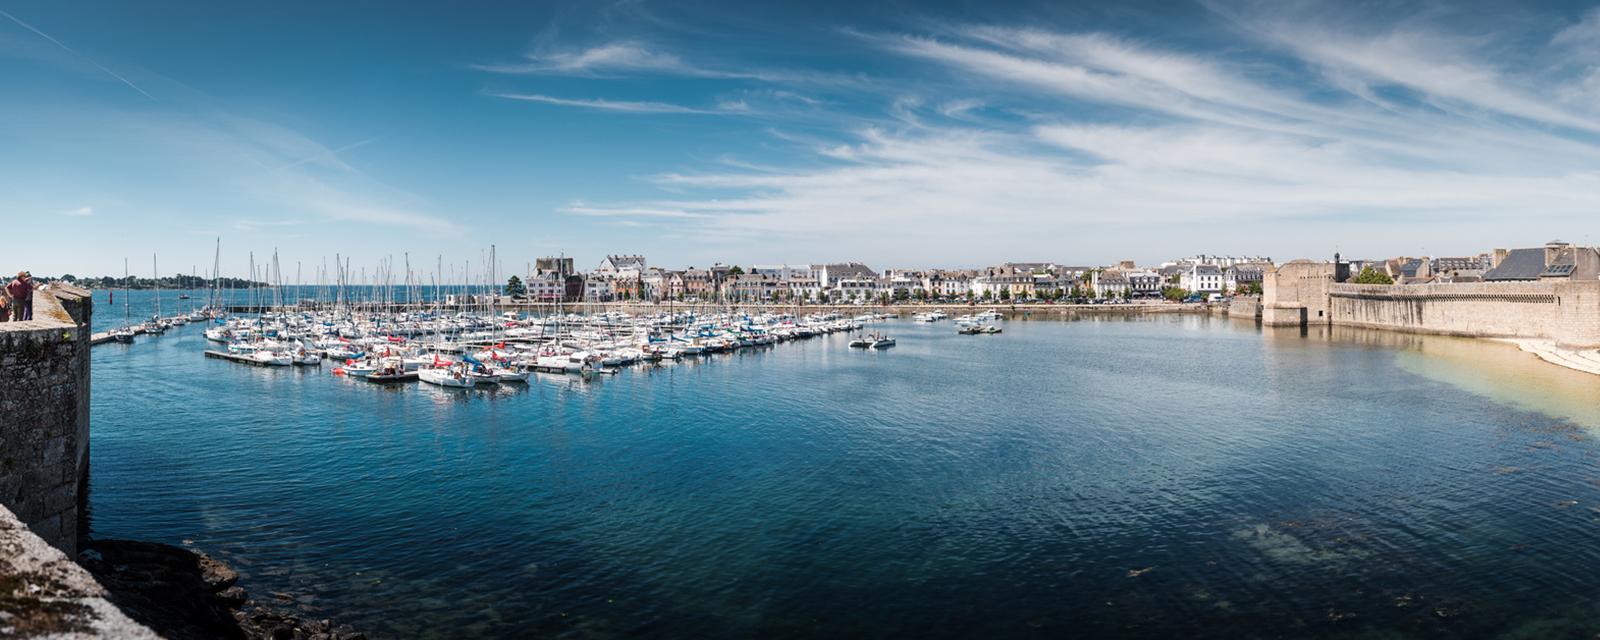 The Marina of Concarneau